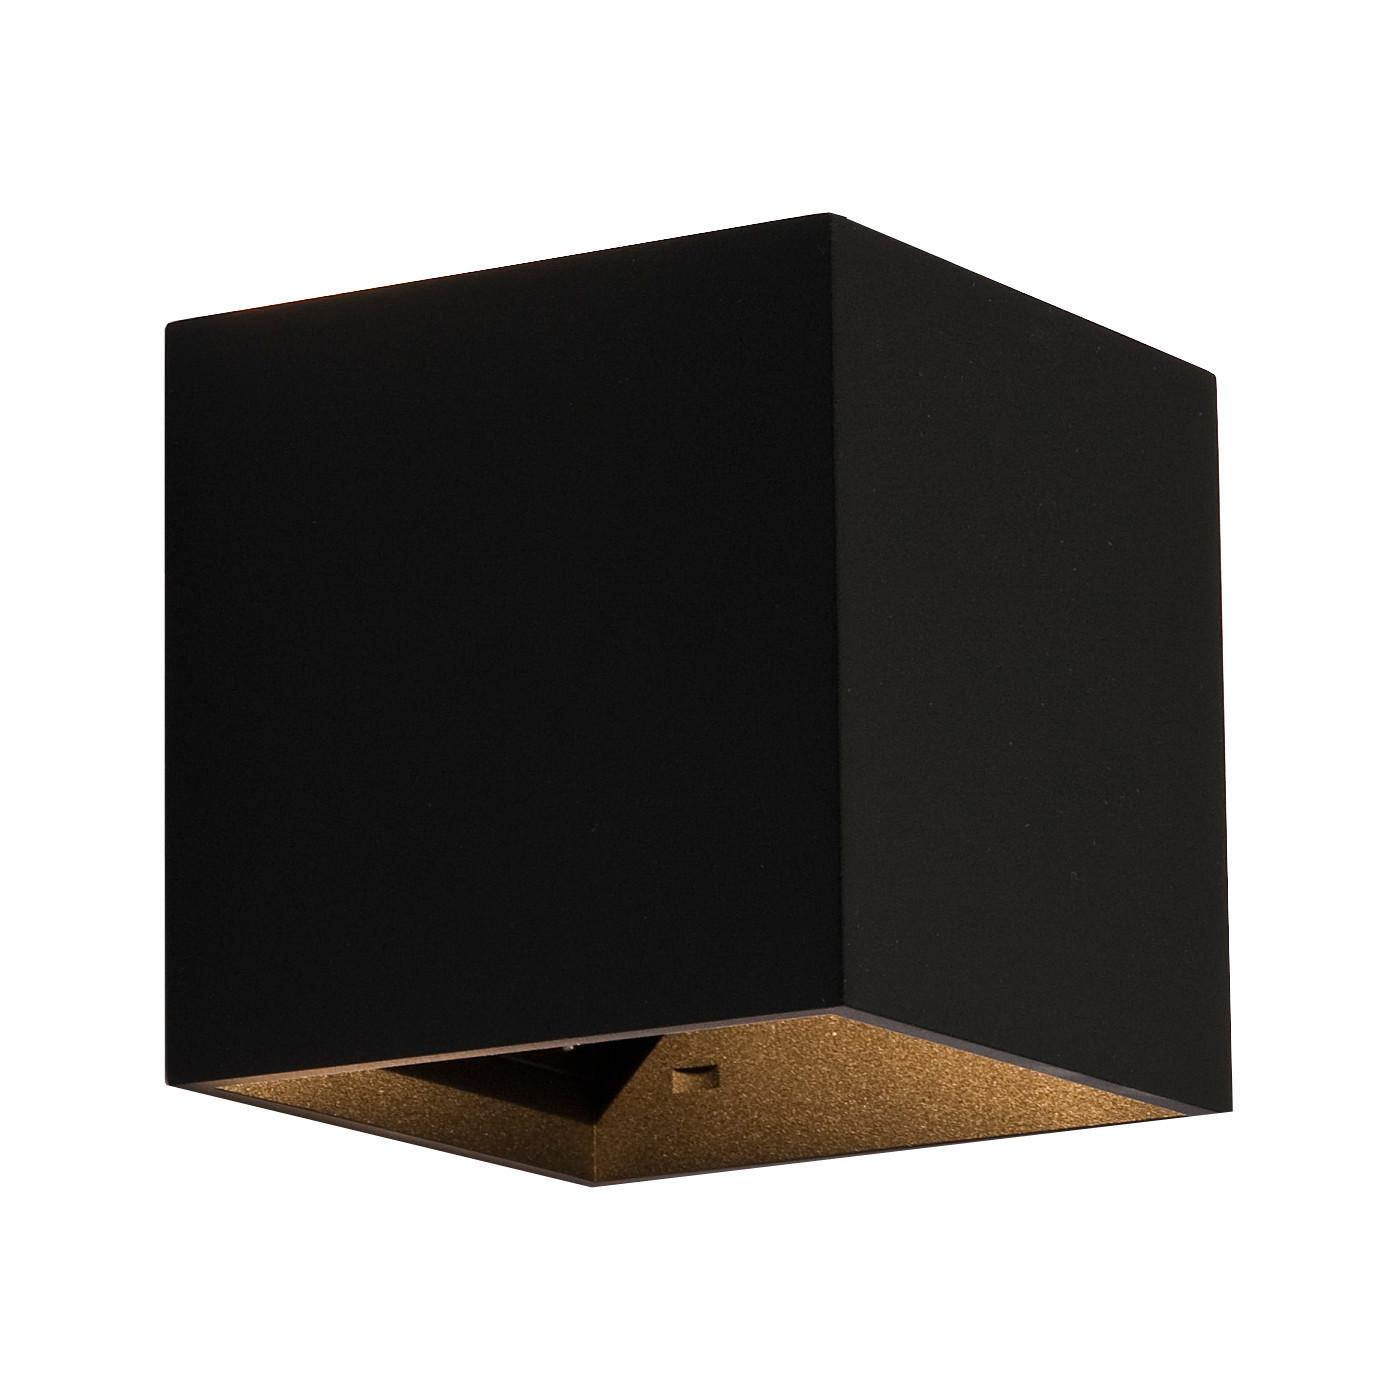 Wever & Ducré Box 2.0 2700K Wandleuchte